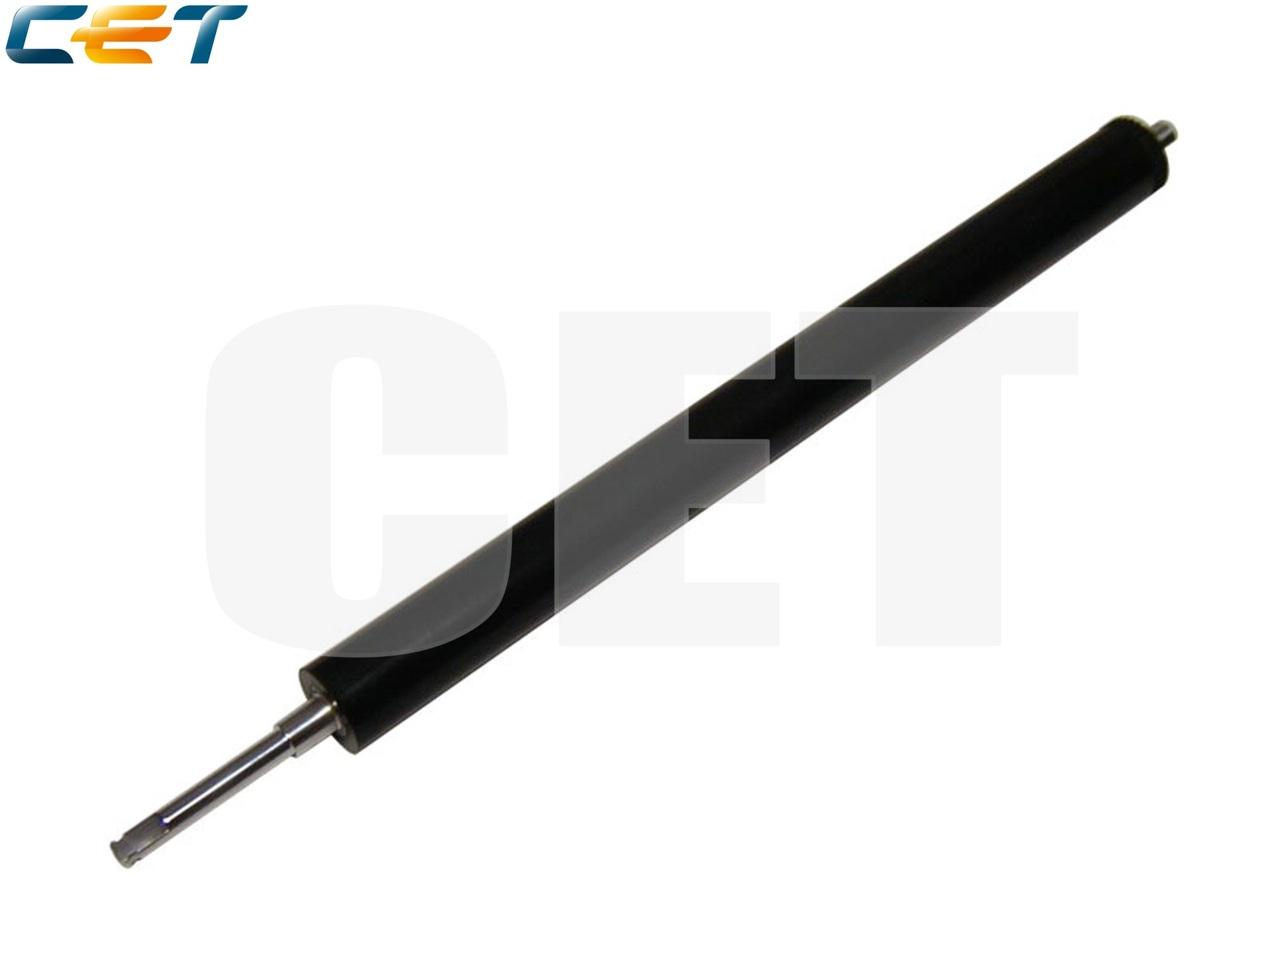 Резиновый вал RF0-1002-000 для HP LaserJet1000/1200/1150/1300 (CET), CET0399